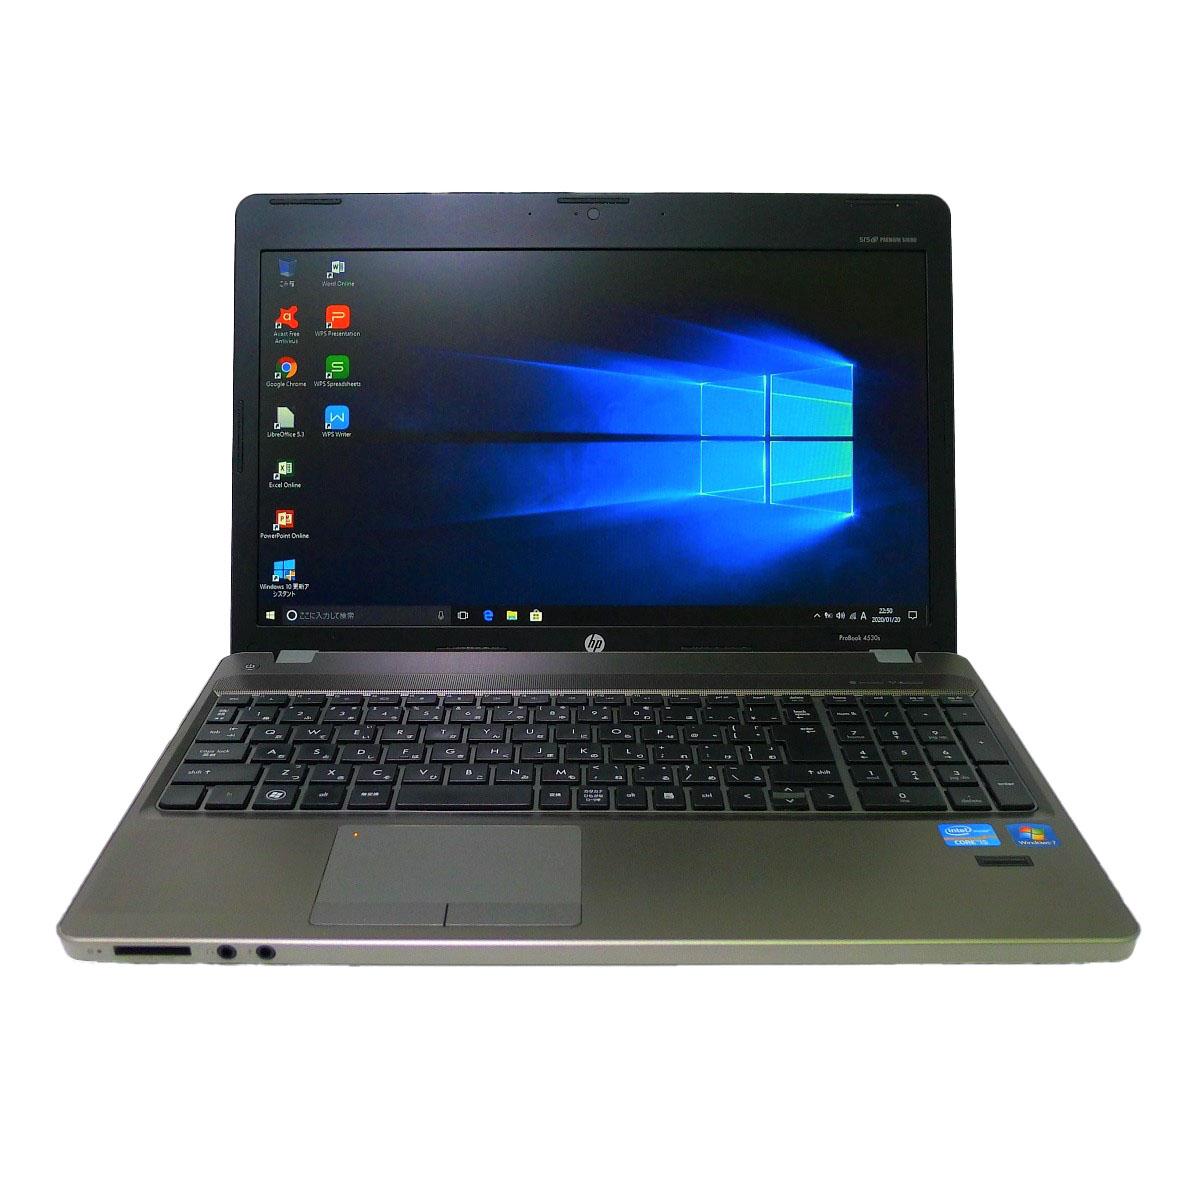 【通販激安】 HP ProBook 4530sCore i5 8GB 新品SSD4TB スーパーマルチ 無線LAN Windows10 64bitWPSOffice 15.6インチ  パソコン 【】 ノートパソコン, 金木町 1cb5dac2